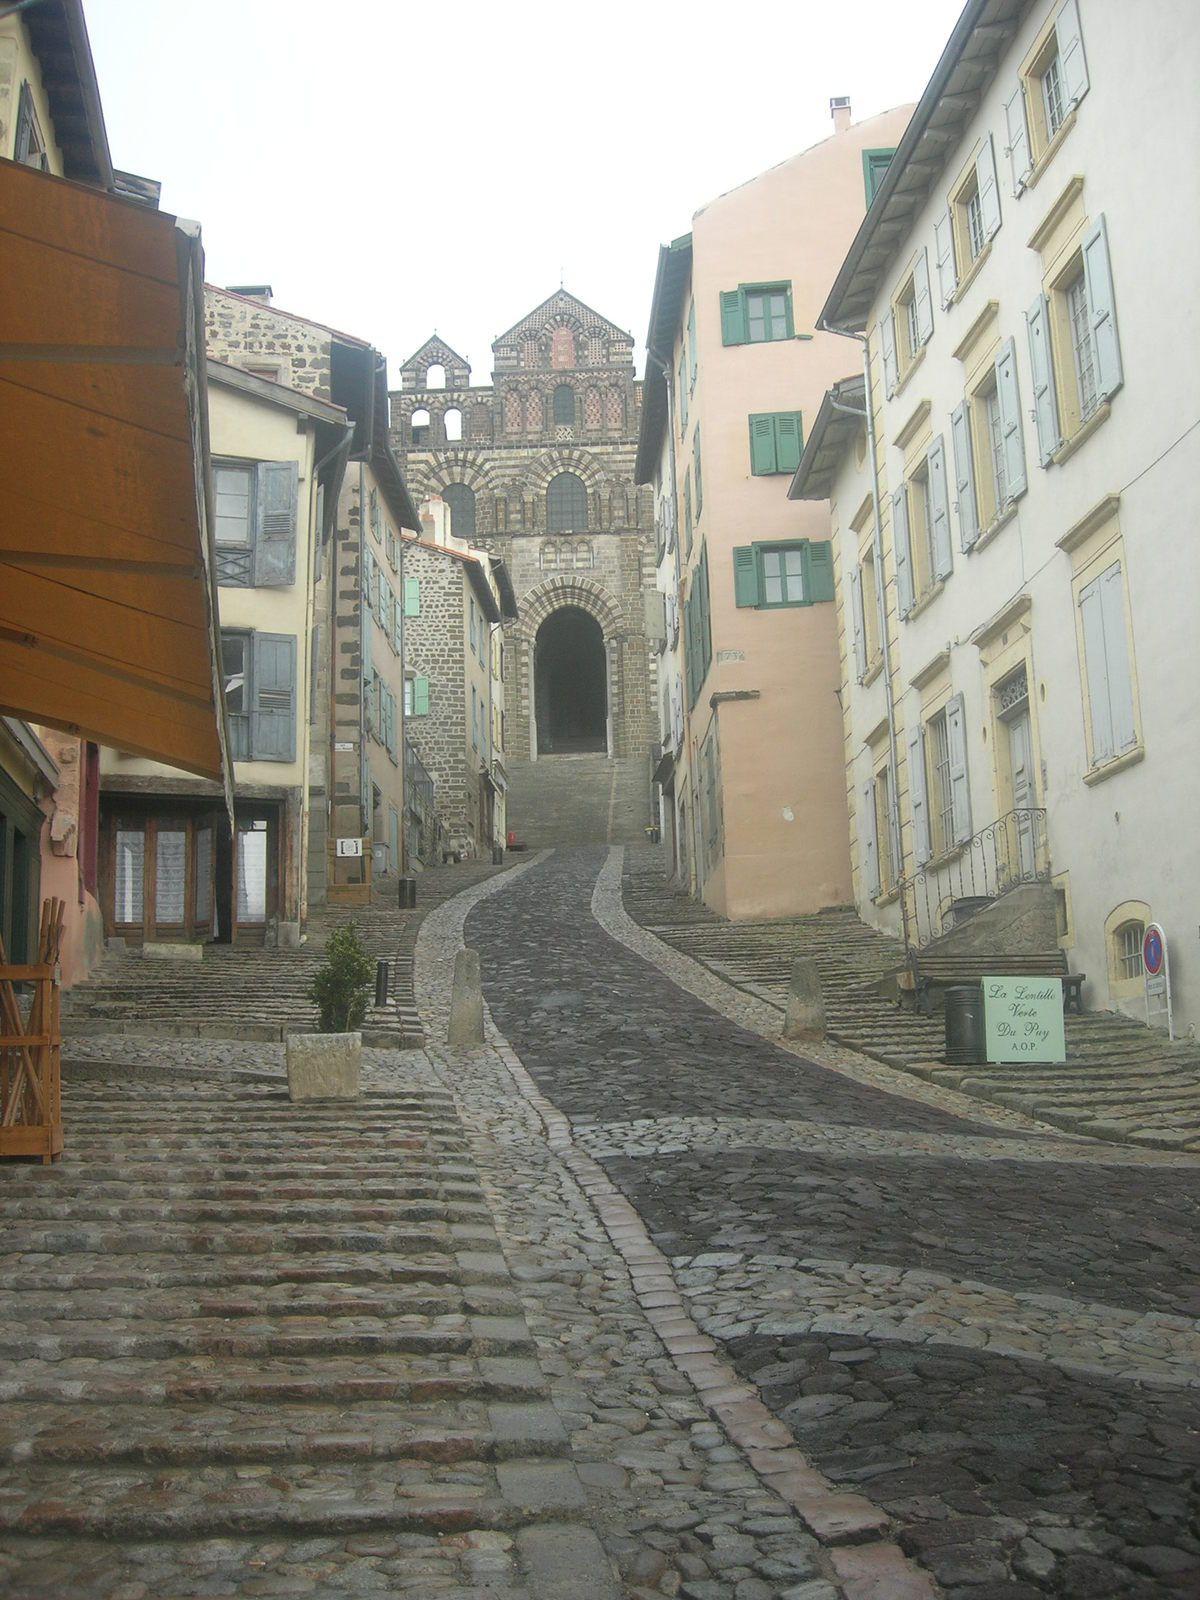 Arrivée au Puy-en-Velay le 1er jour et orageux dès l'arrivée, mais pas de marche aujourd'hui, uniquement visite de la ville et dépose des sacs-à-dos dans notre gîte d'étape.